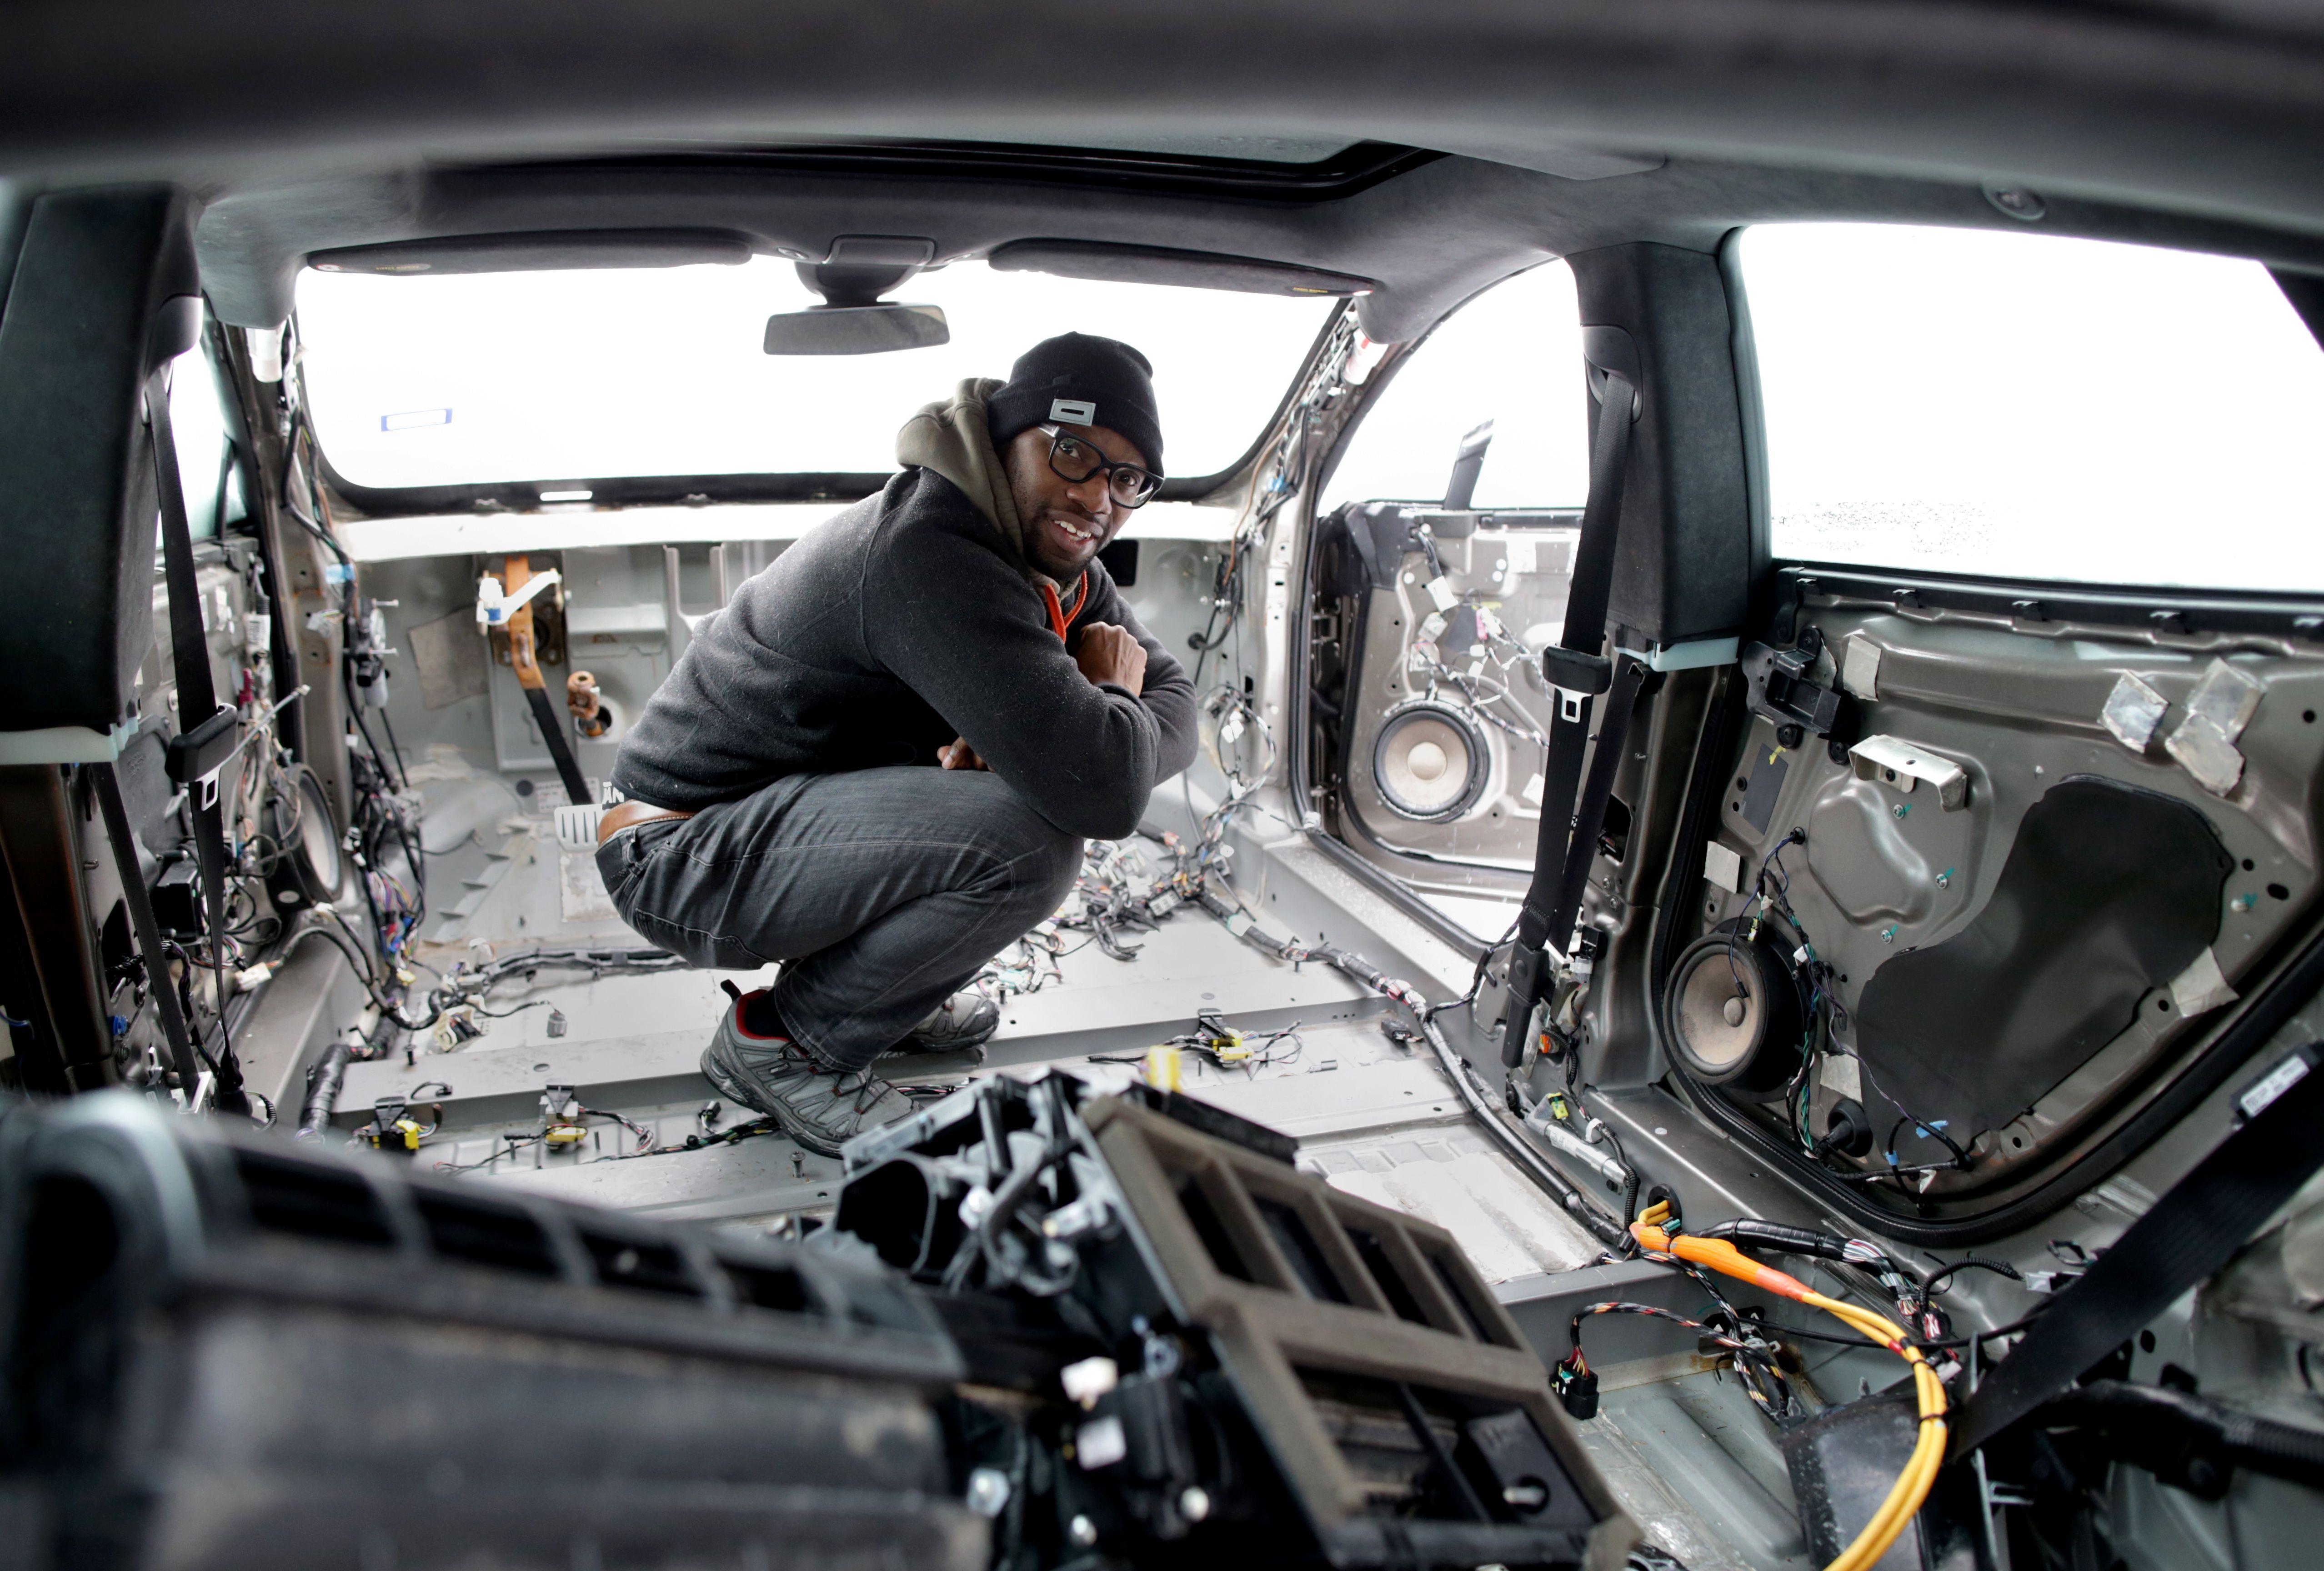 The backyard mechanic who is taking on Tesla - The Boston Globe